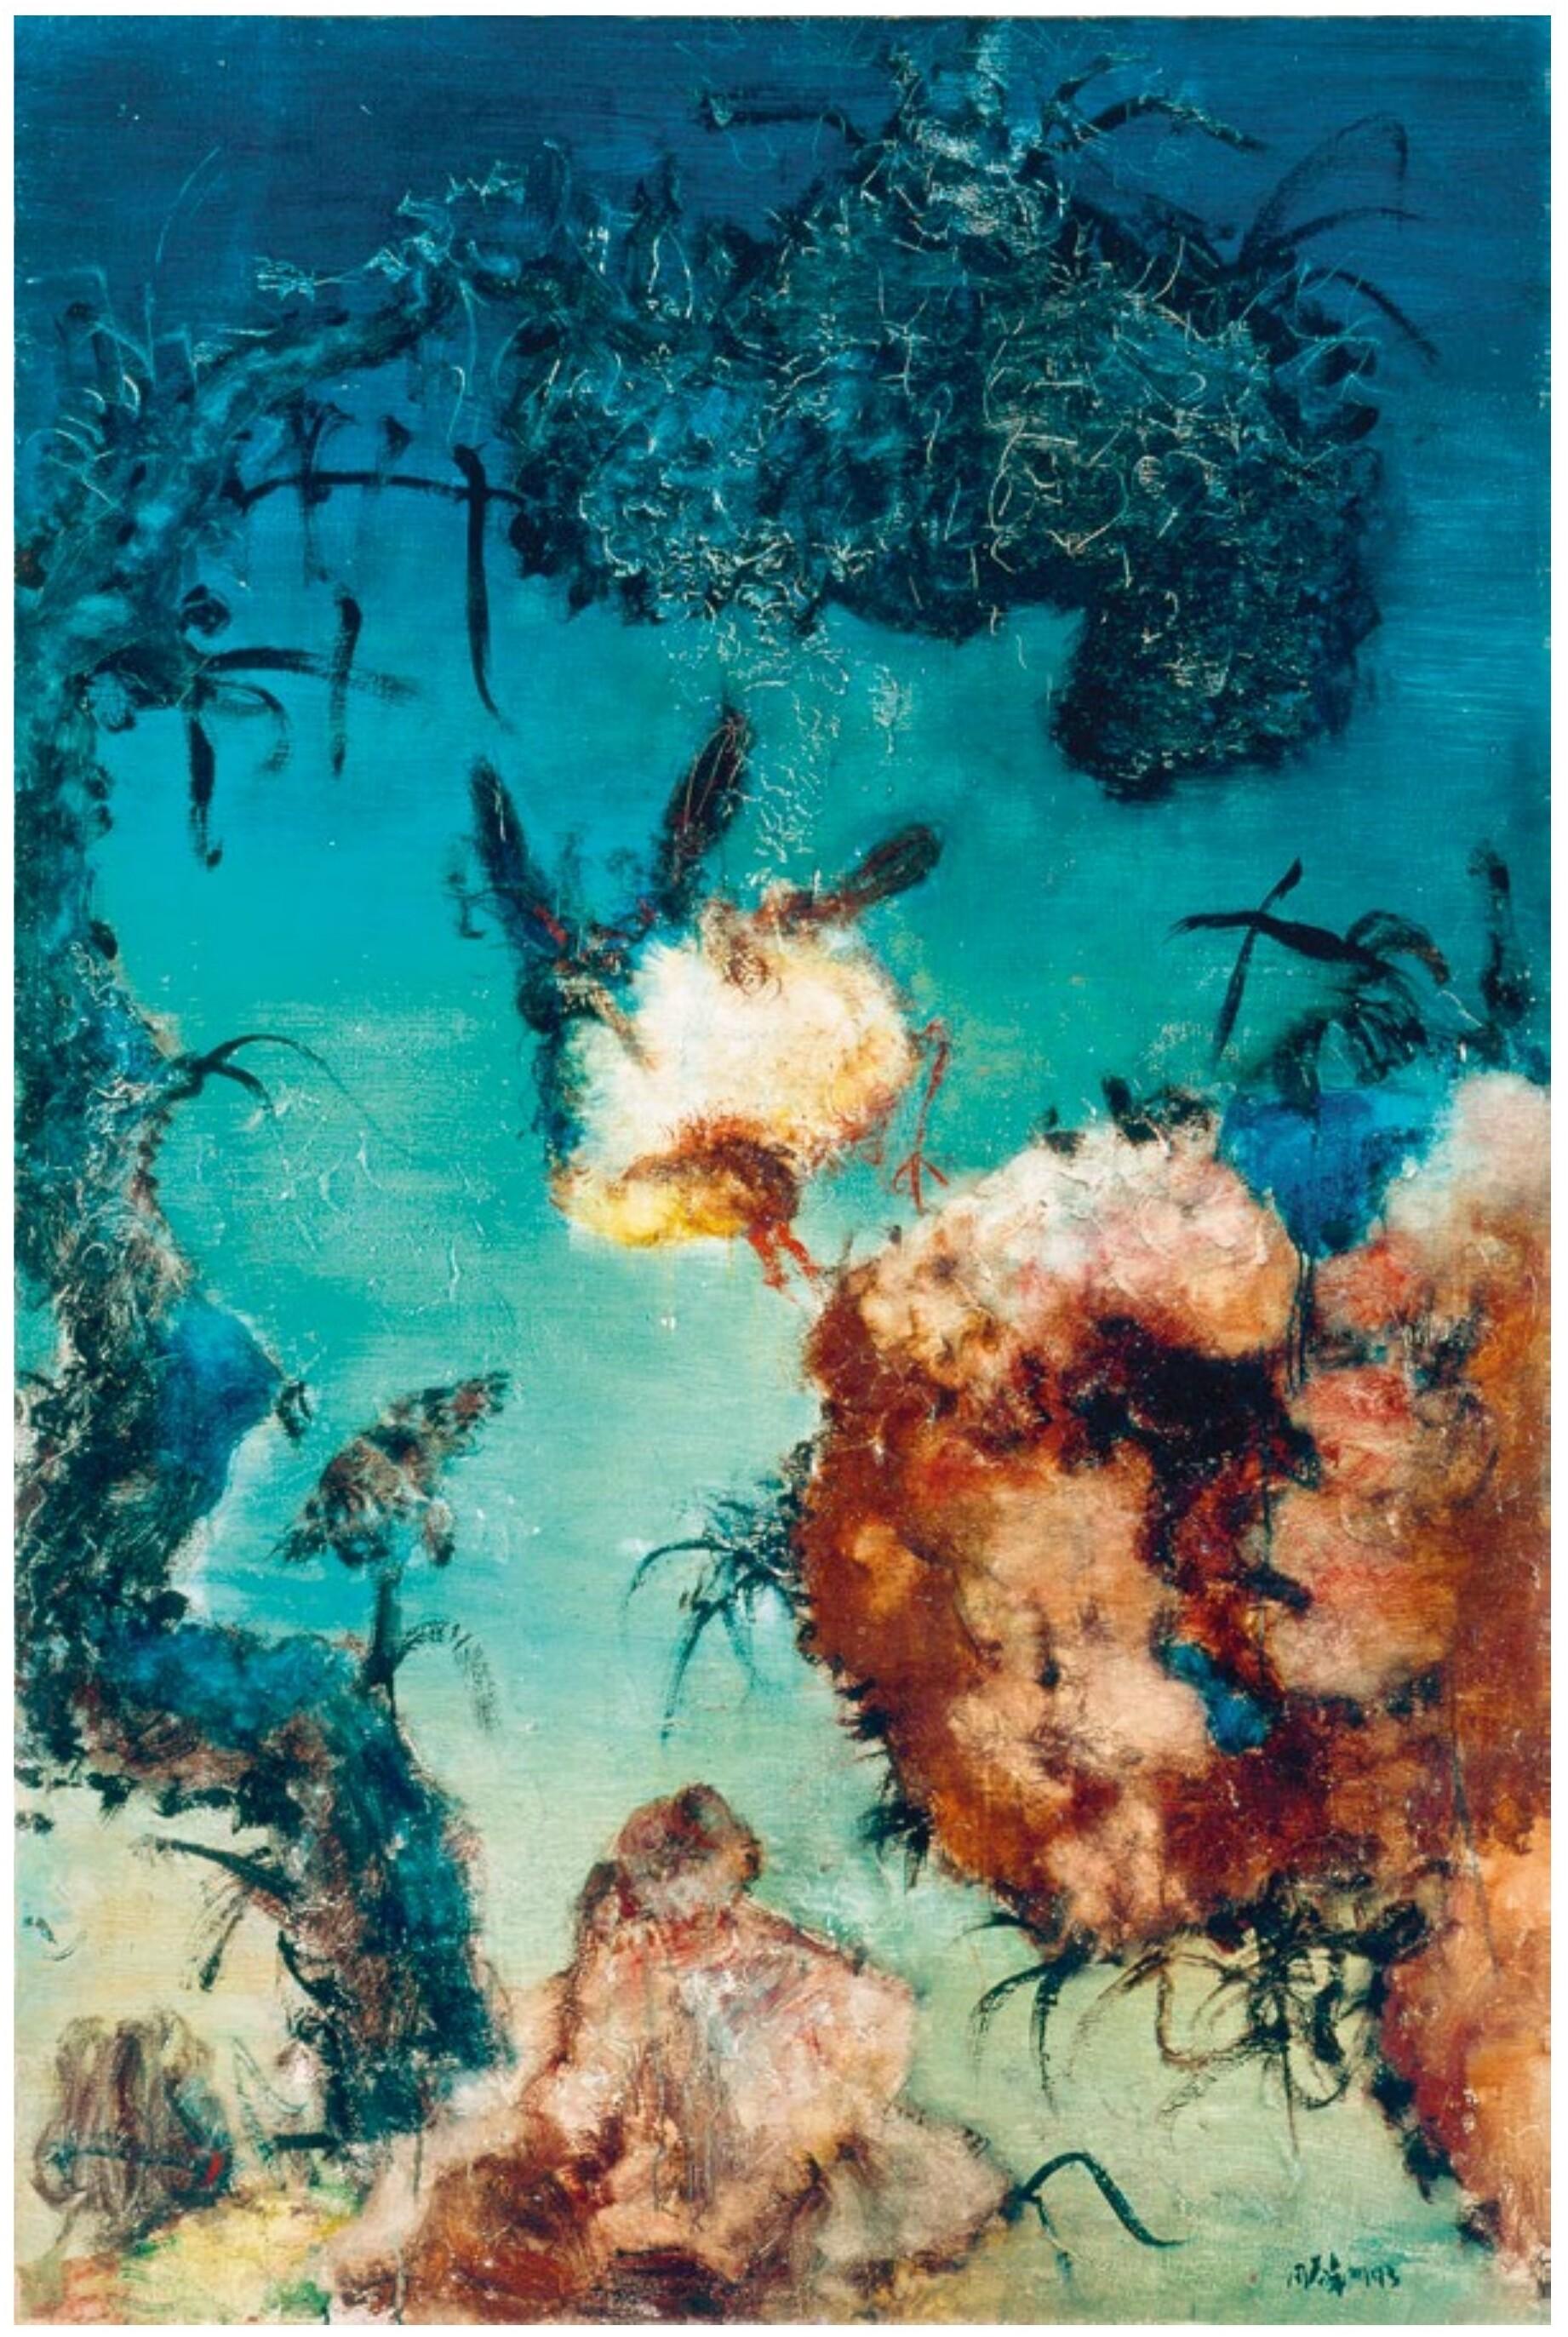 Zhou Chunya - Chinese Landscape (1993)